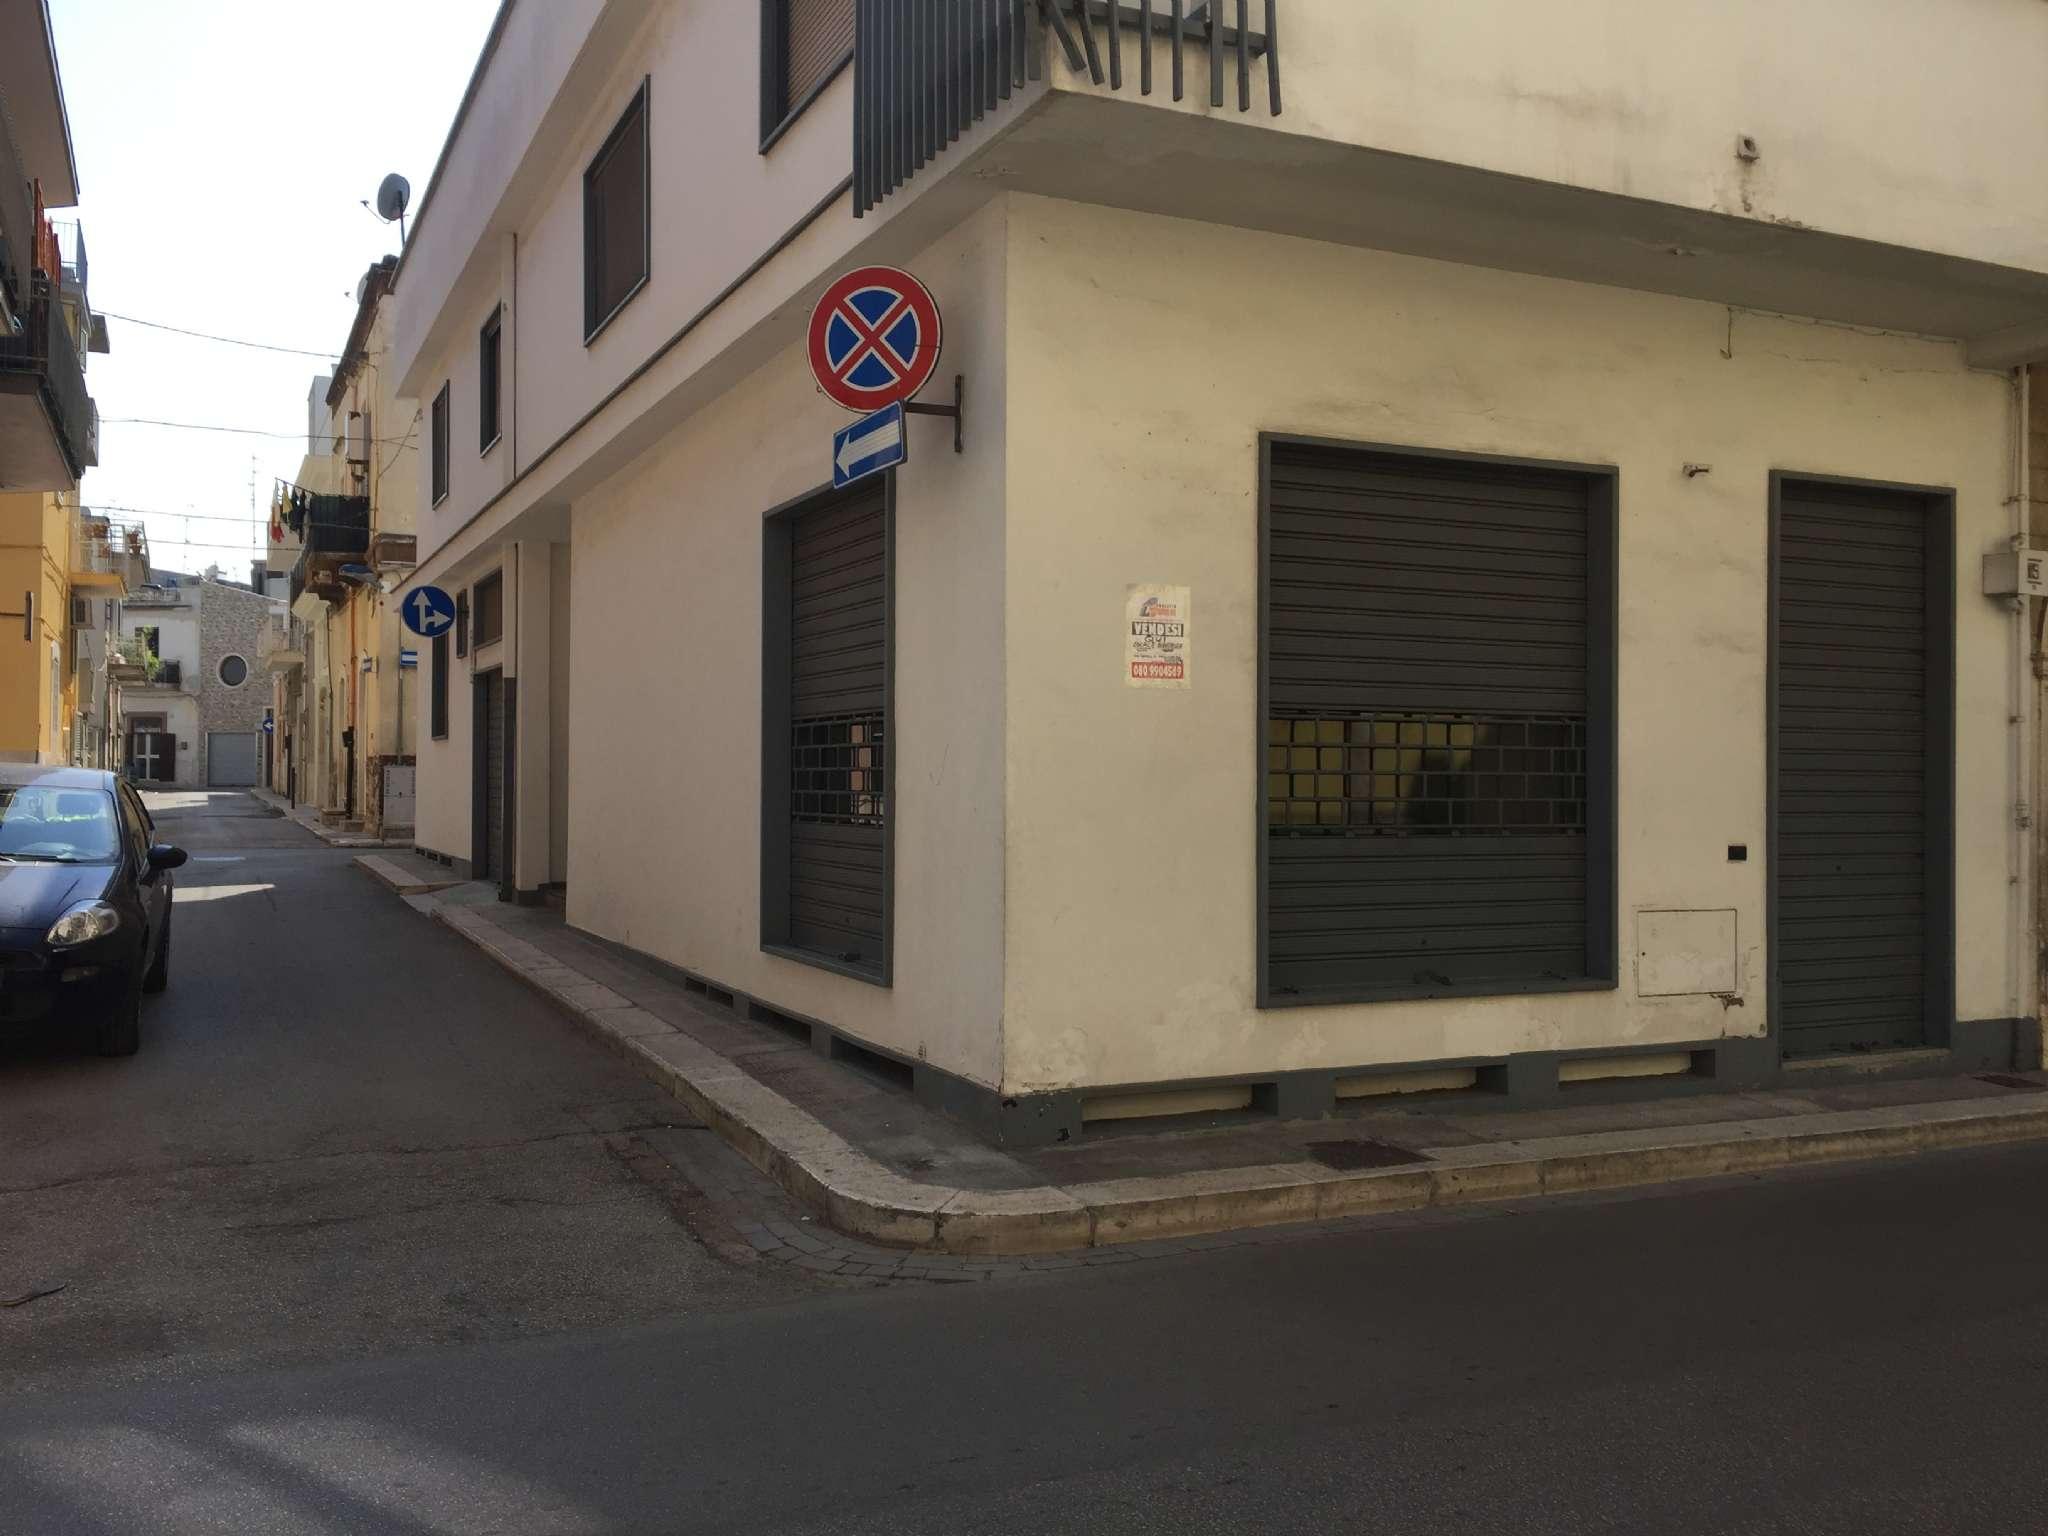 Negozio / Locale in vendita a Modugno, 2 locali, prezzo € 75.000 | PortaleAgenzieImmobiliari.it